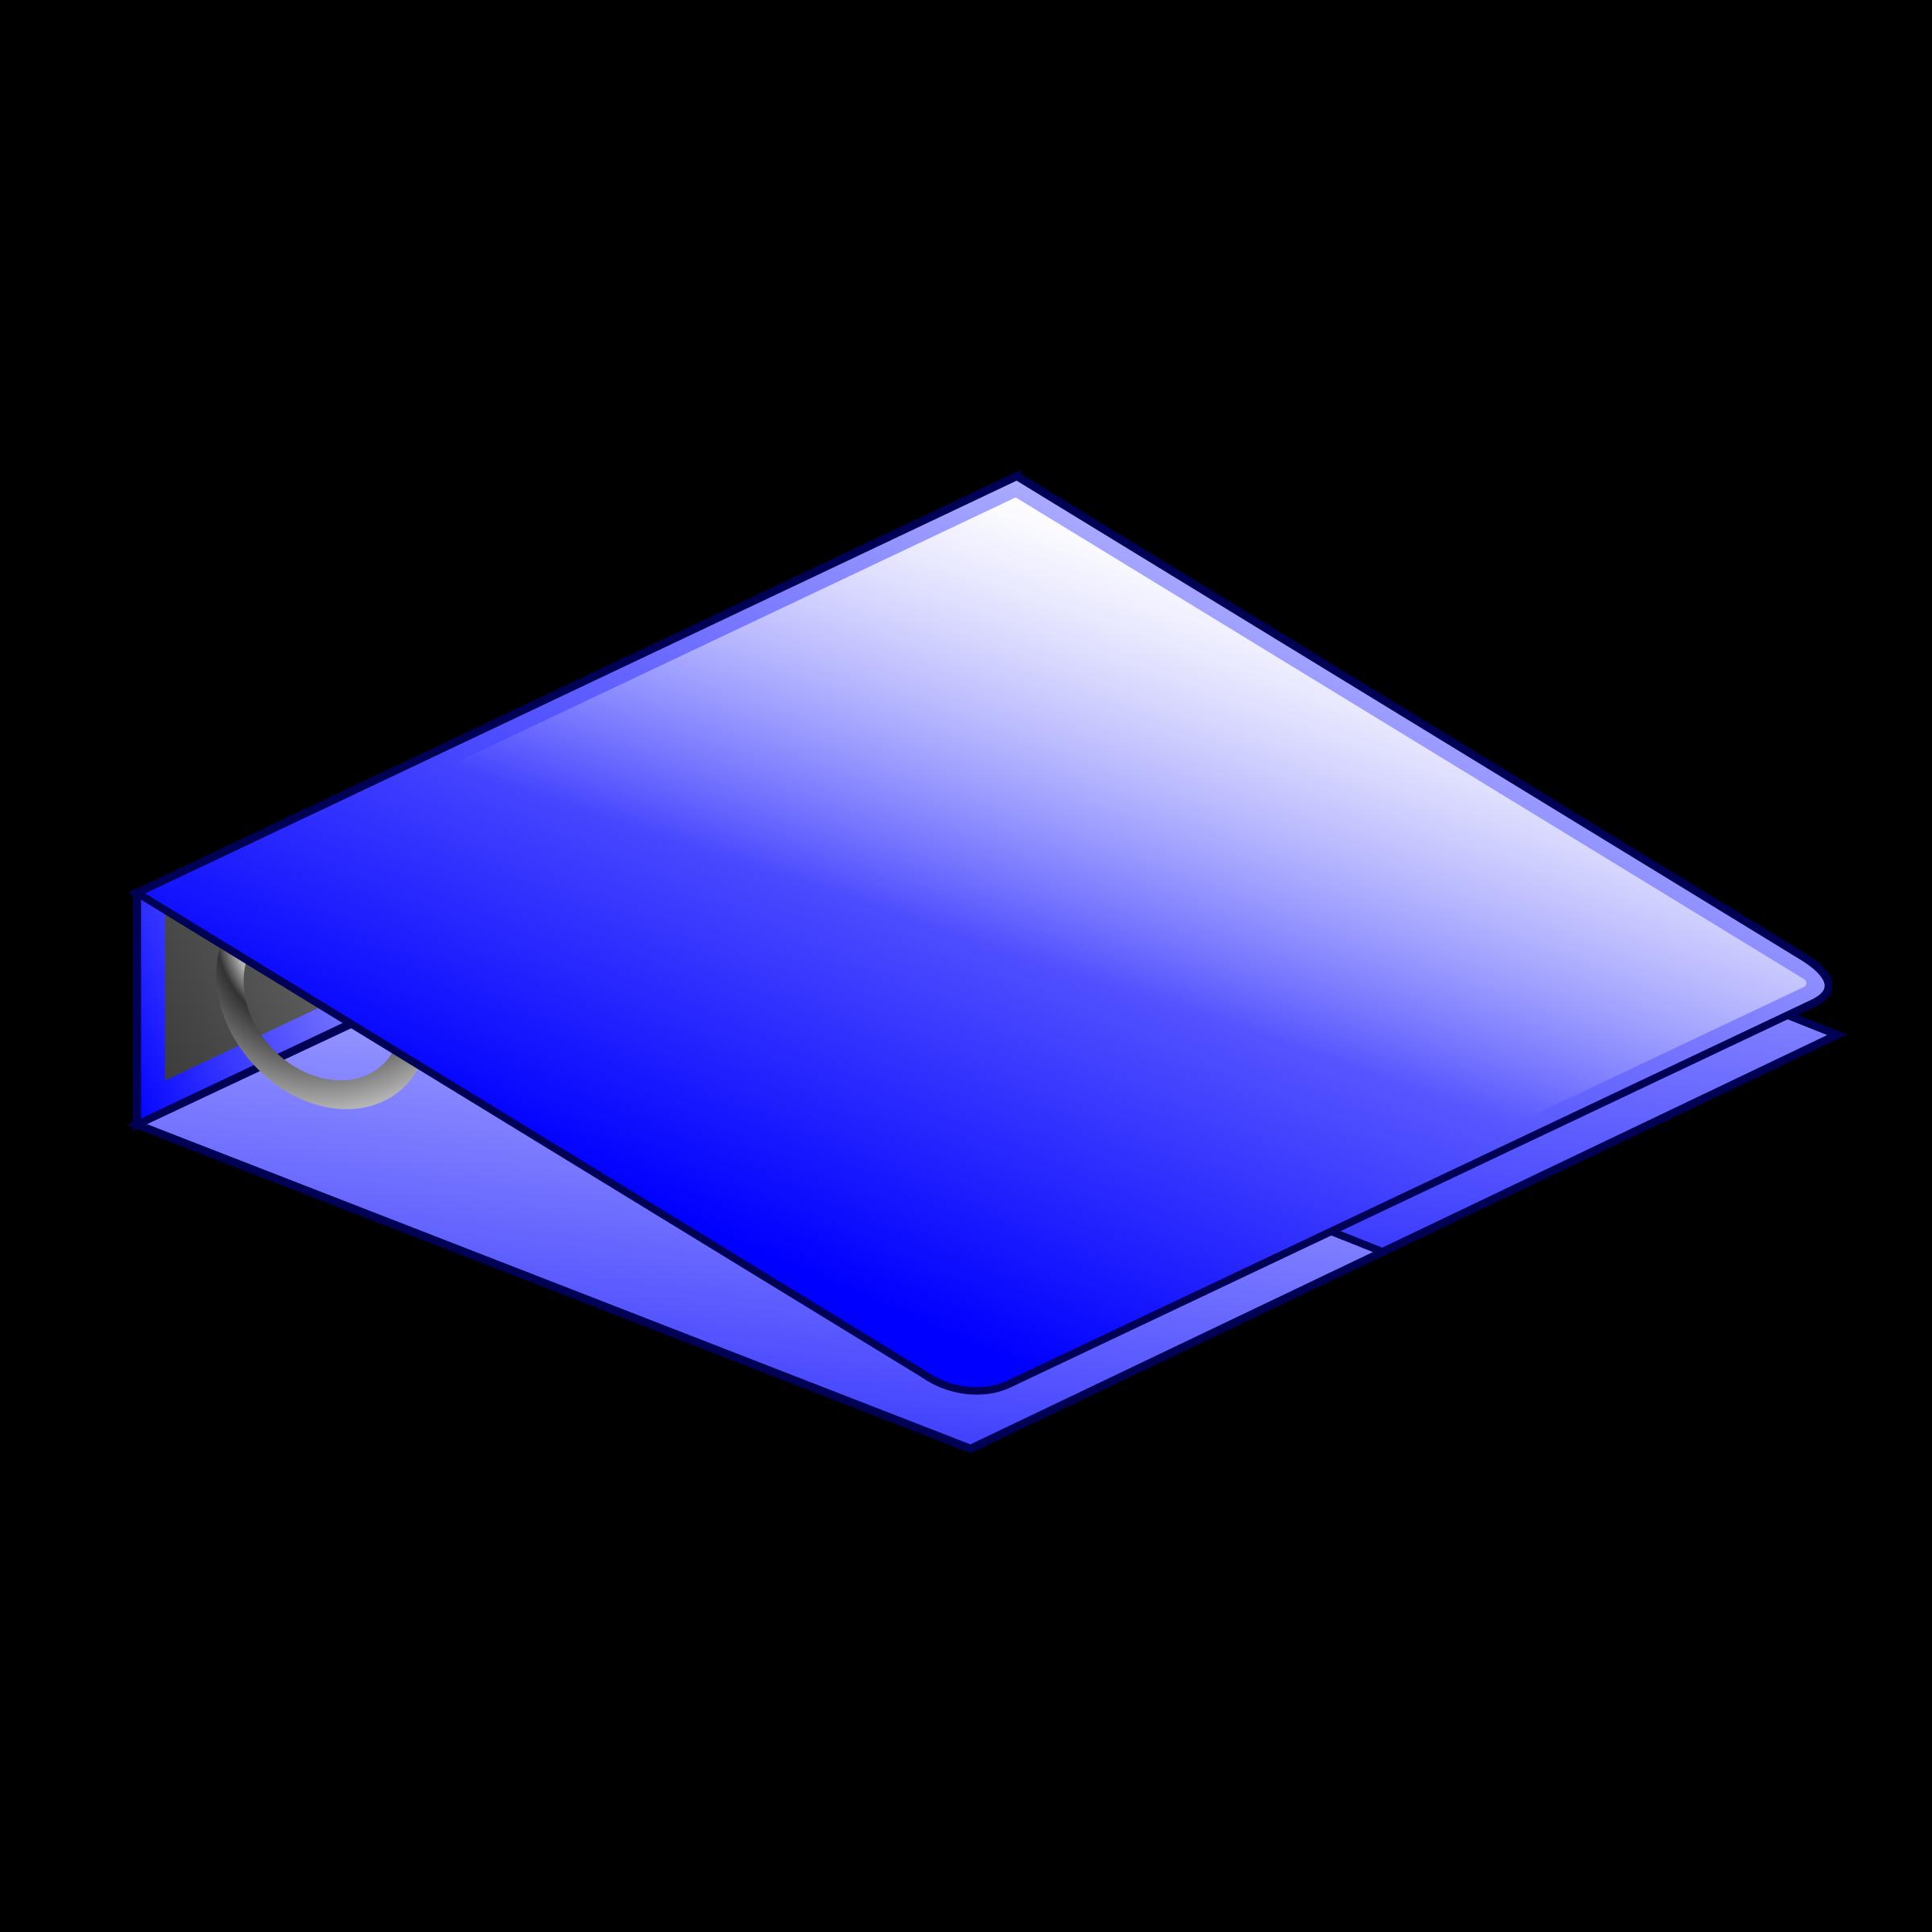 svg transparent stock Binder clipart. Blue ring big image.